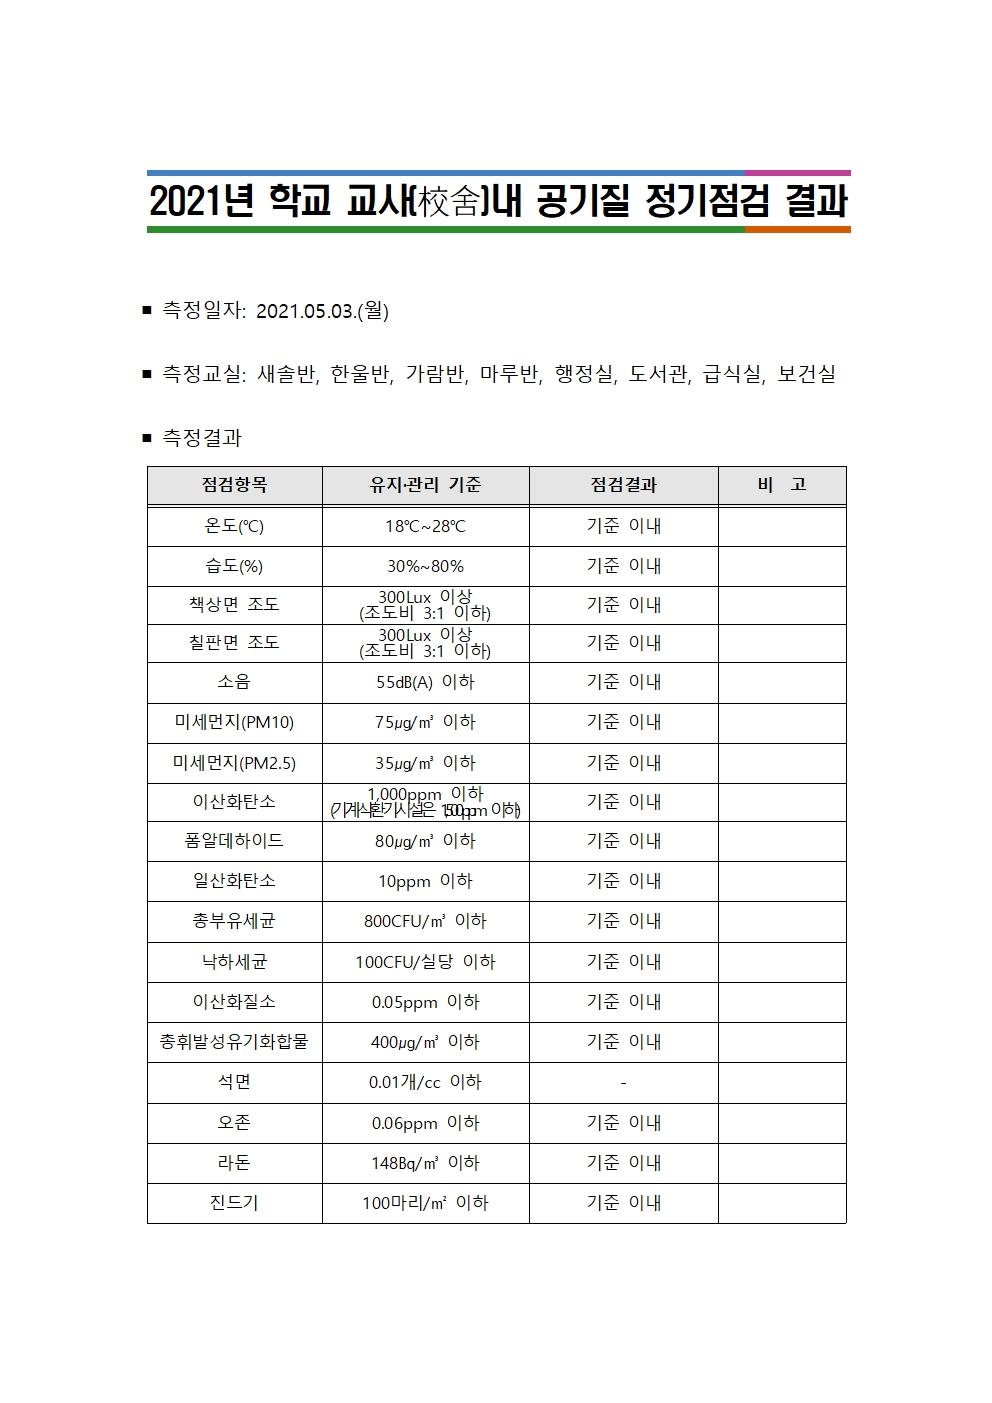 공기질 정기점검 결과 공개(산남유)001